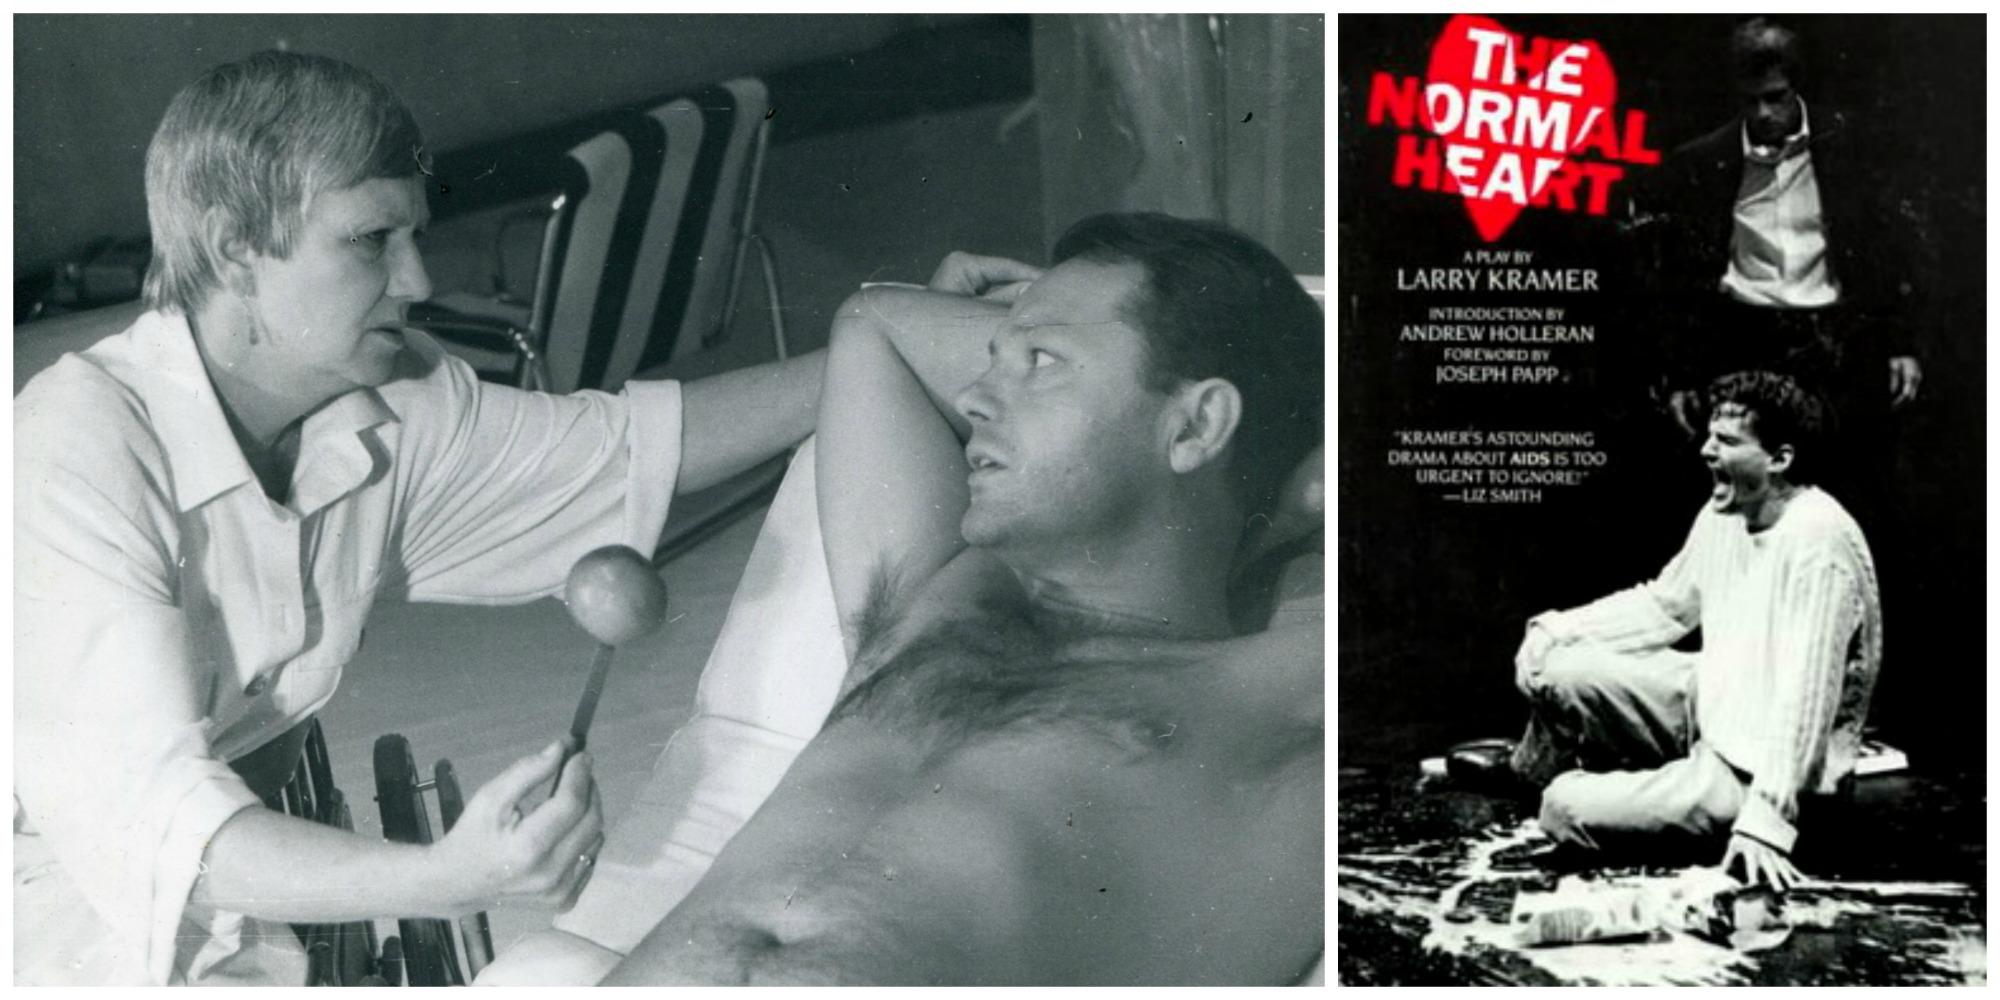 Z prawej plakat promujący sztukę 'The Normal Heart' z 1985 r. Z lewej zdjęcie archiwalne spektaklu 'Normalne serce' w reż. Grzegorza Mrówczyńskiego, wystawionego w 1987 roku w Teatrze Polskim w Poznaniu (fot. Rafał Jasionowicz / Wikimedia.org / Fair use)